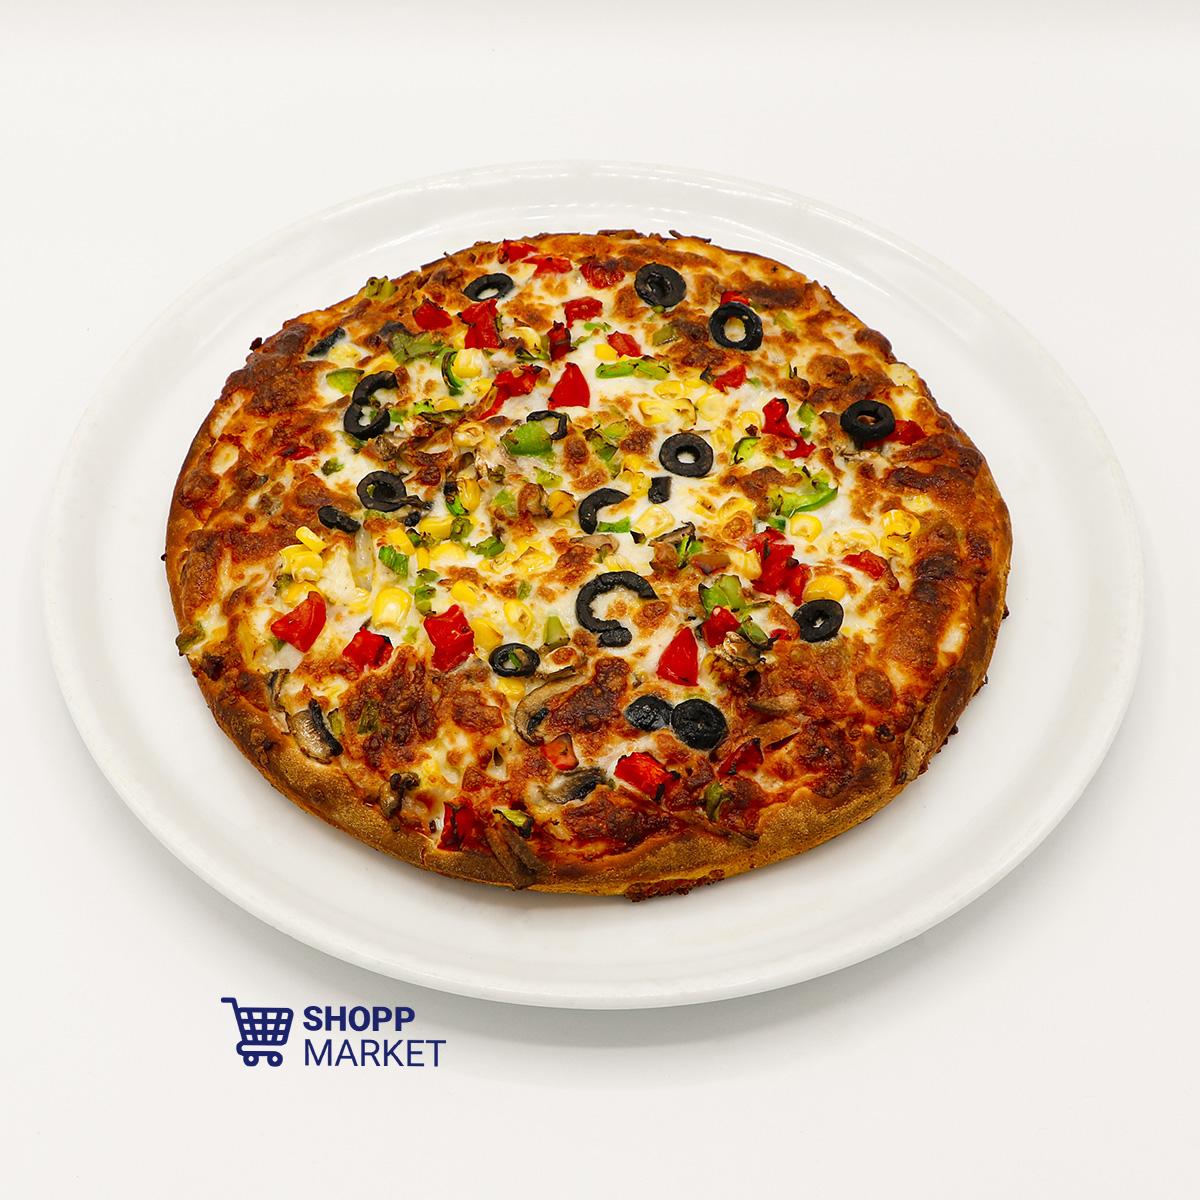 پیتزا میکس ویژه خانواده